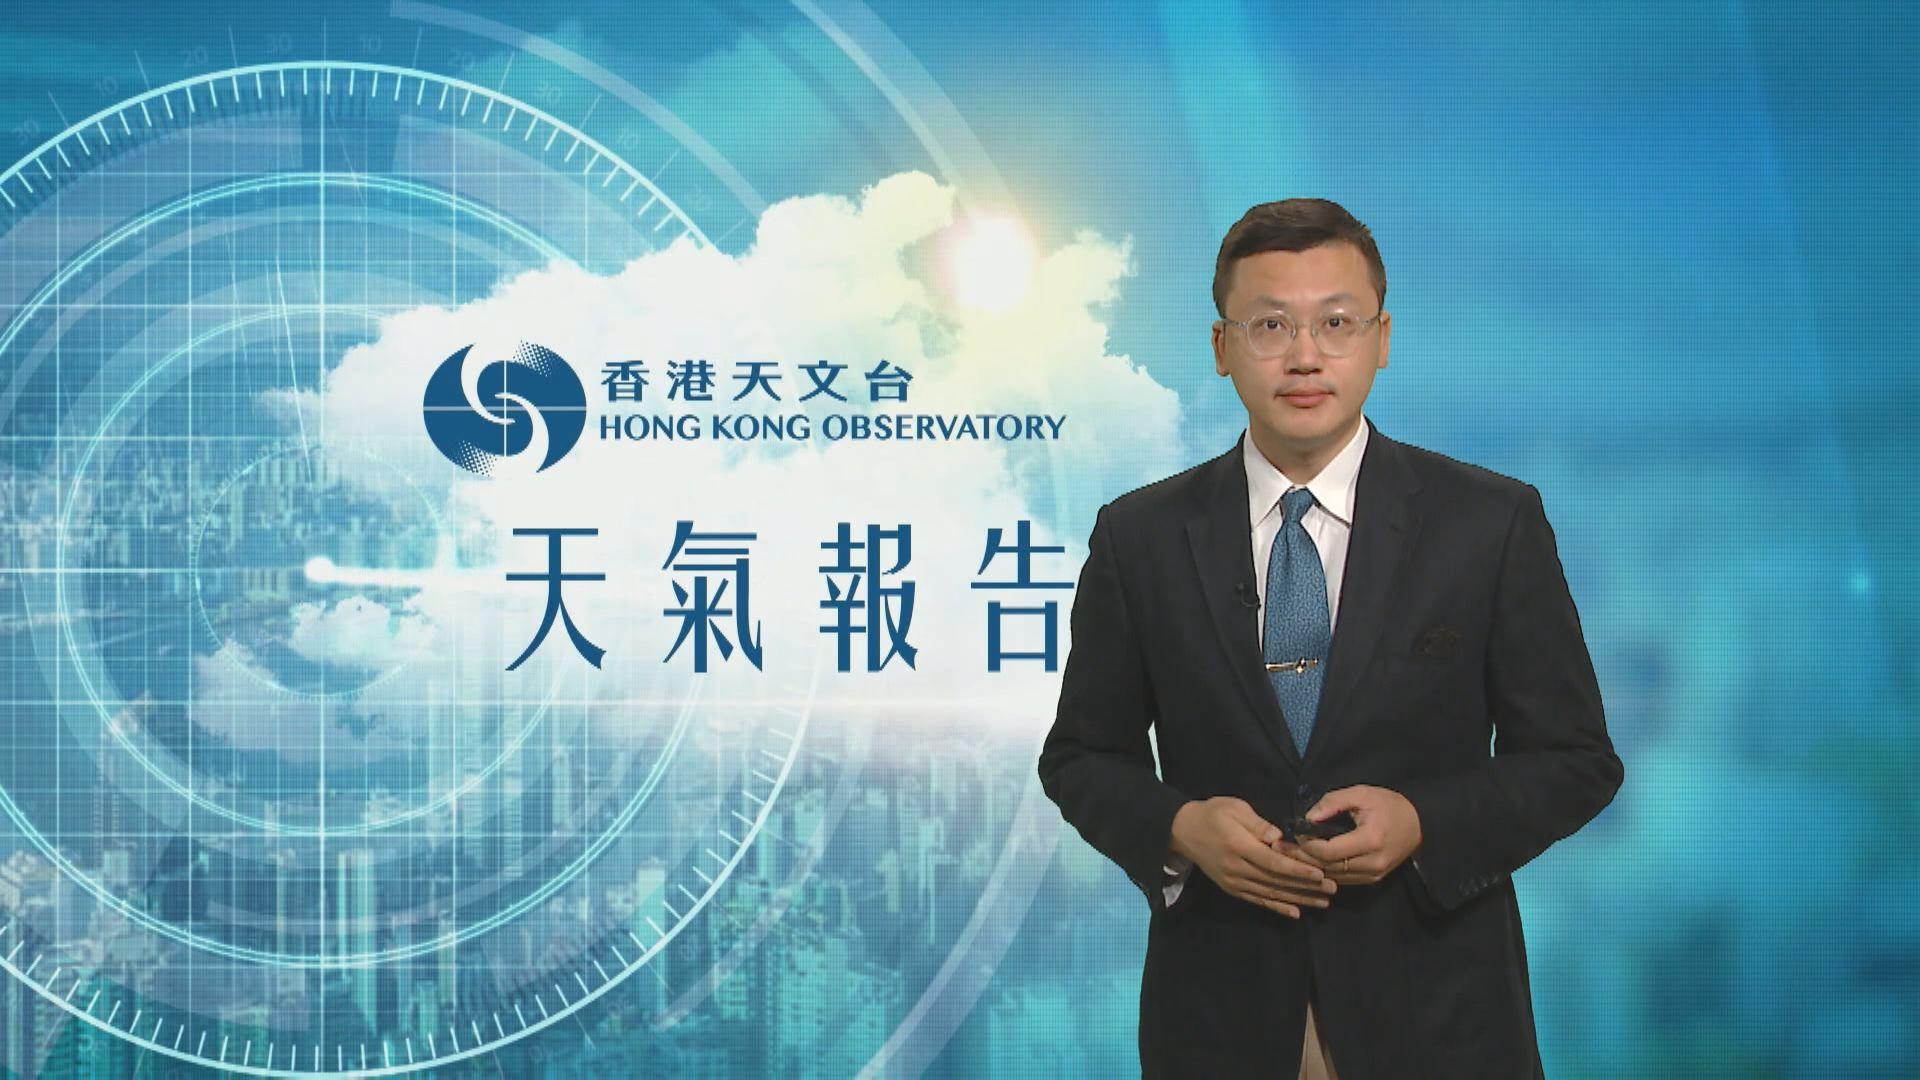 【天氣報告】(5月29日)